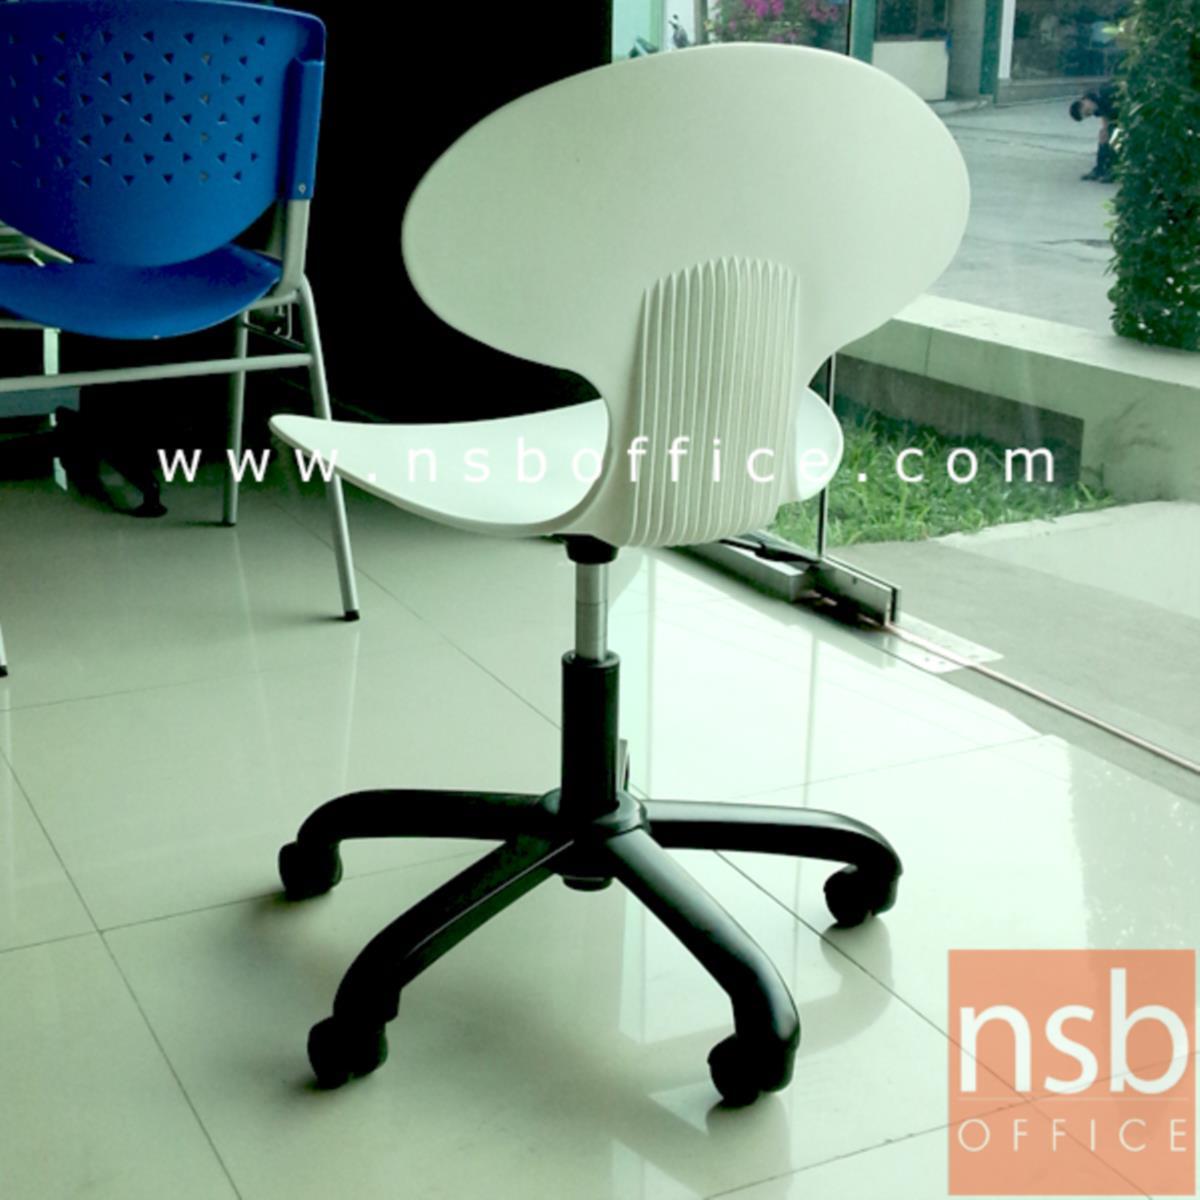 เก้าอี้สำนักงานโพลี่ รุ่น Dominator (โดมิเนเตอร์)  โช๊คแก๊ส ขาพลาสติก